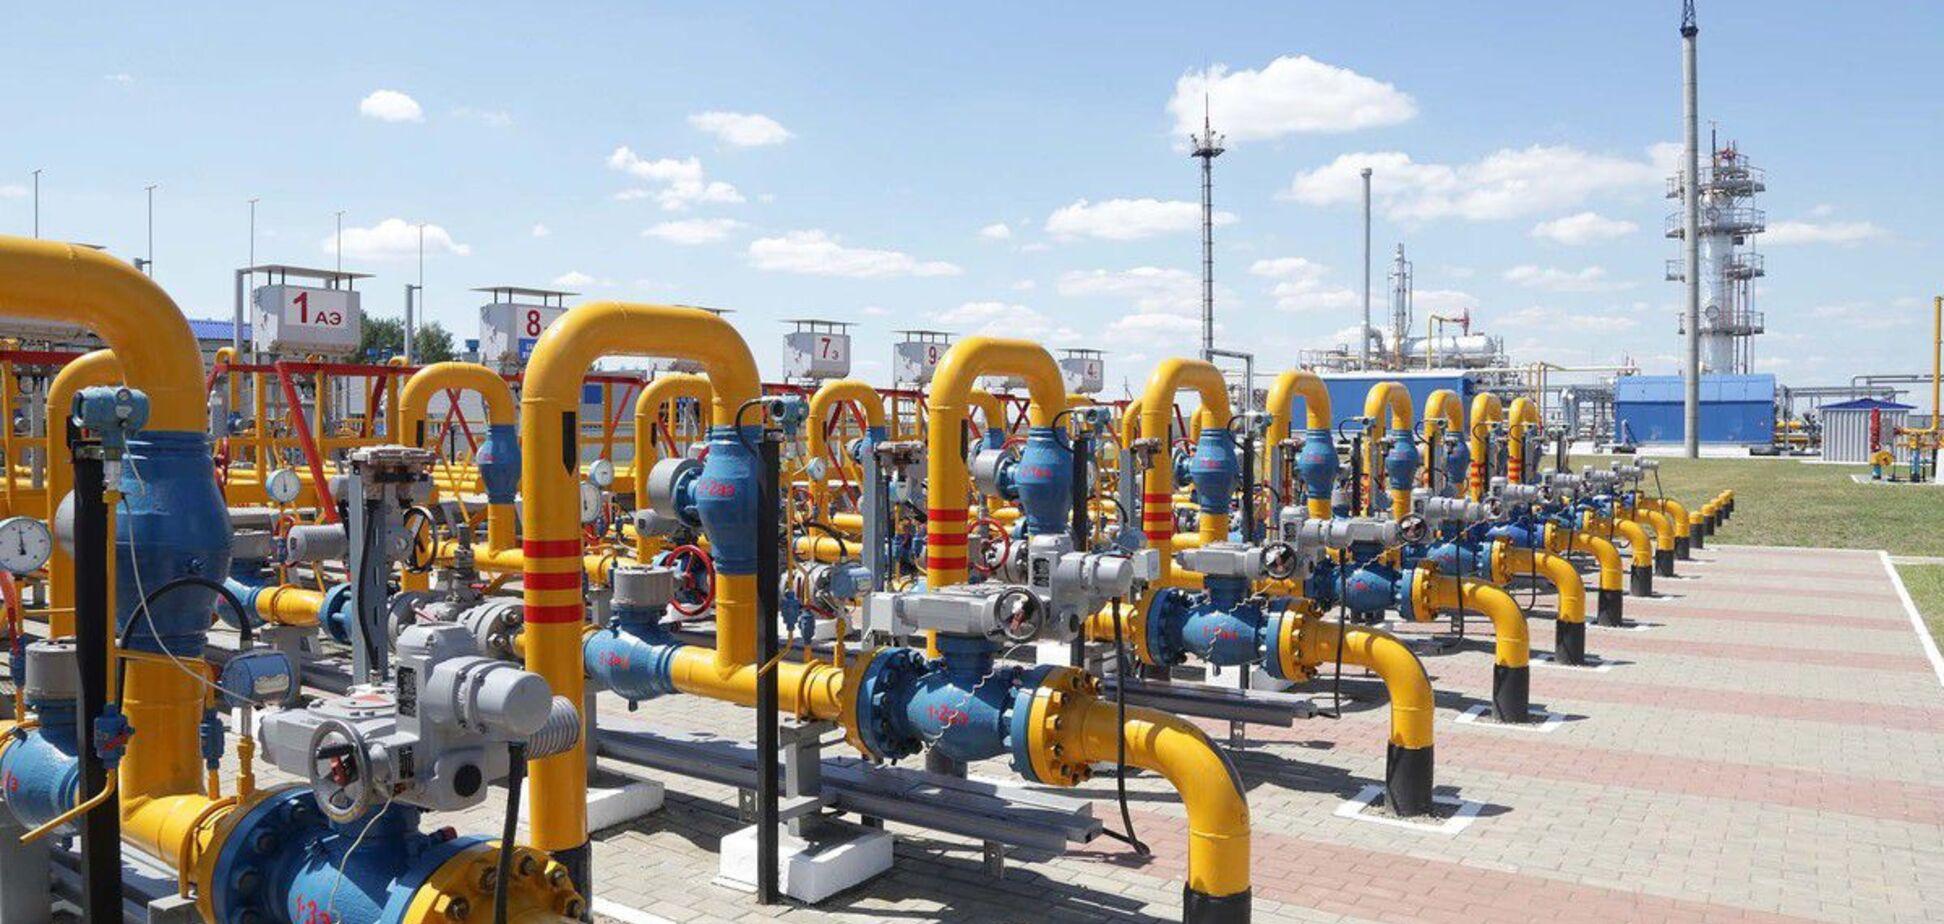 Золоті запаси газосховищ. Чи заплатить споживач?